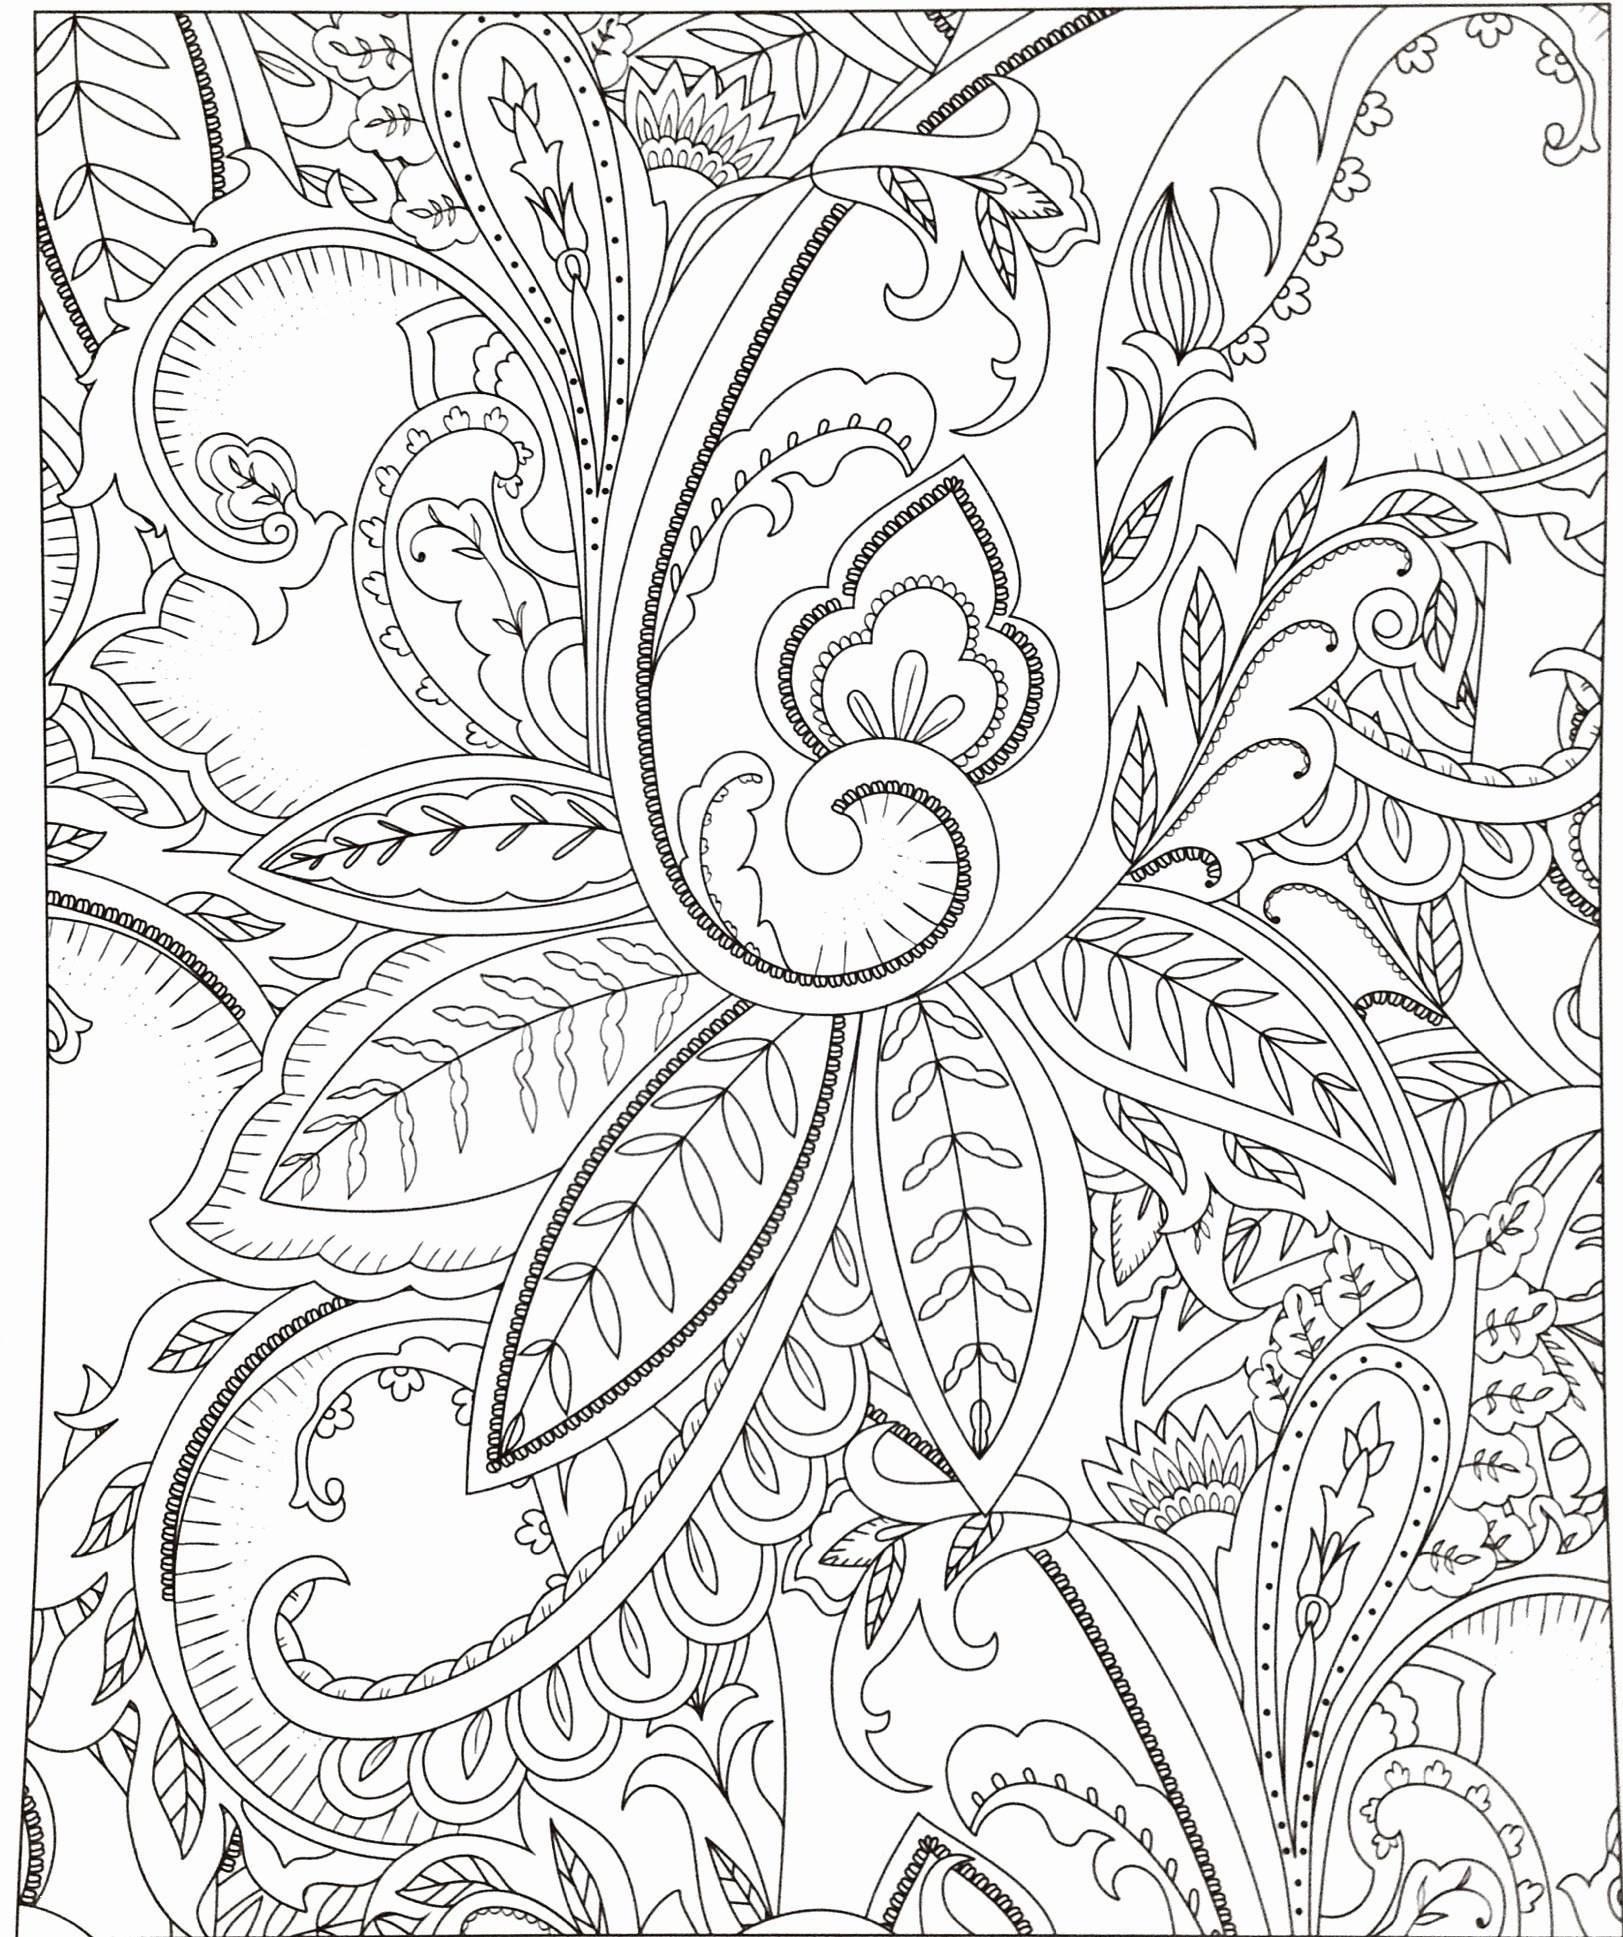 Malvorlagen Blumen Ranken Neu 30 Window Color Vorlagen Blumen Ranken Ayden Vorlage Site Ayden Bilder